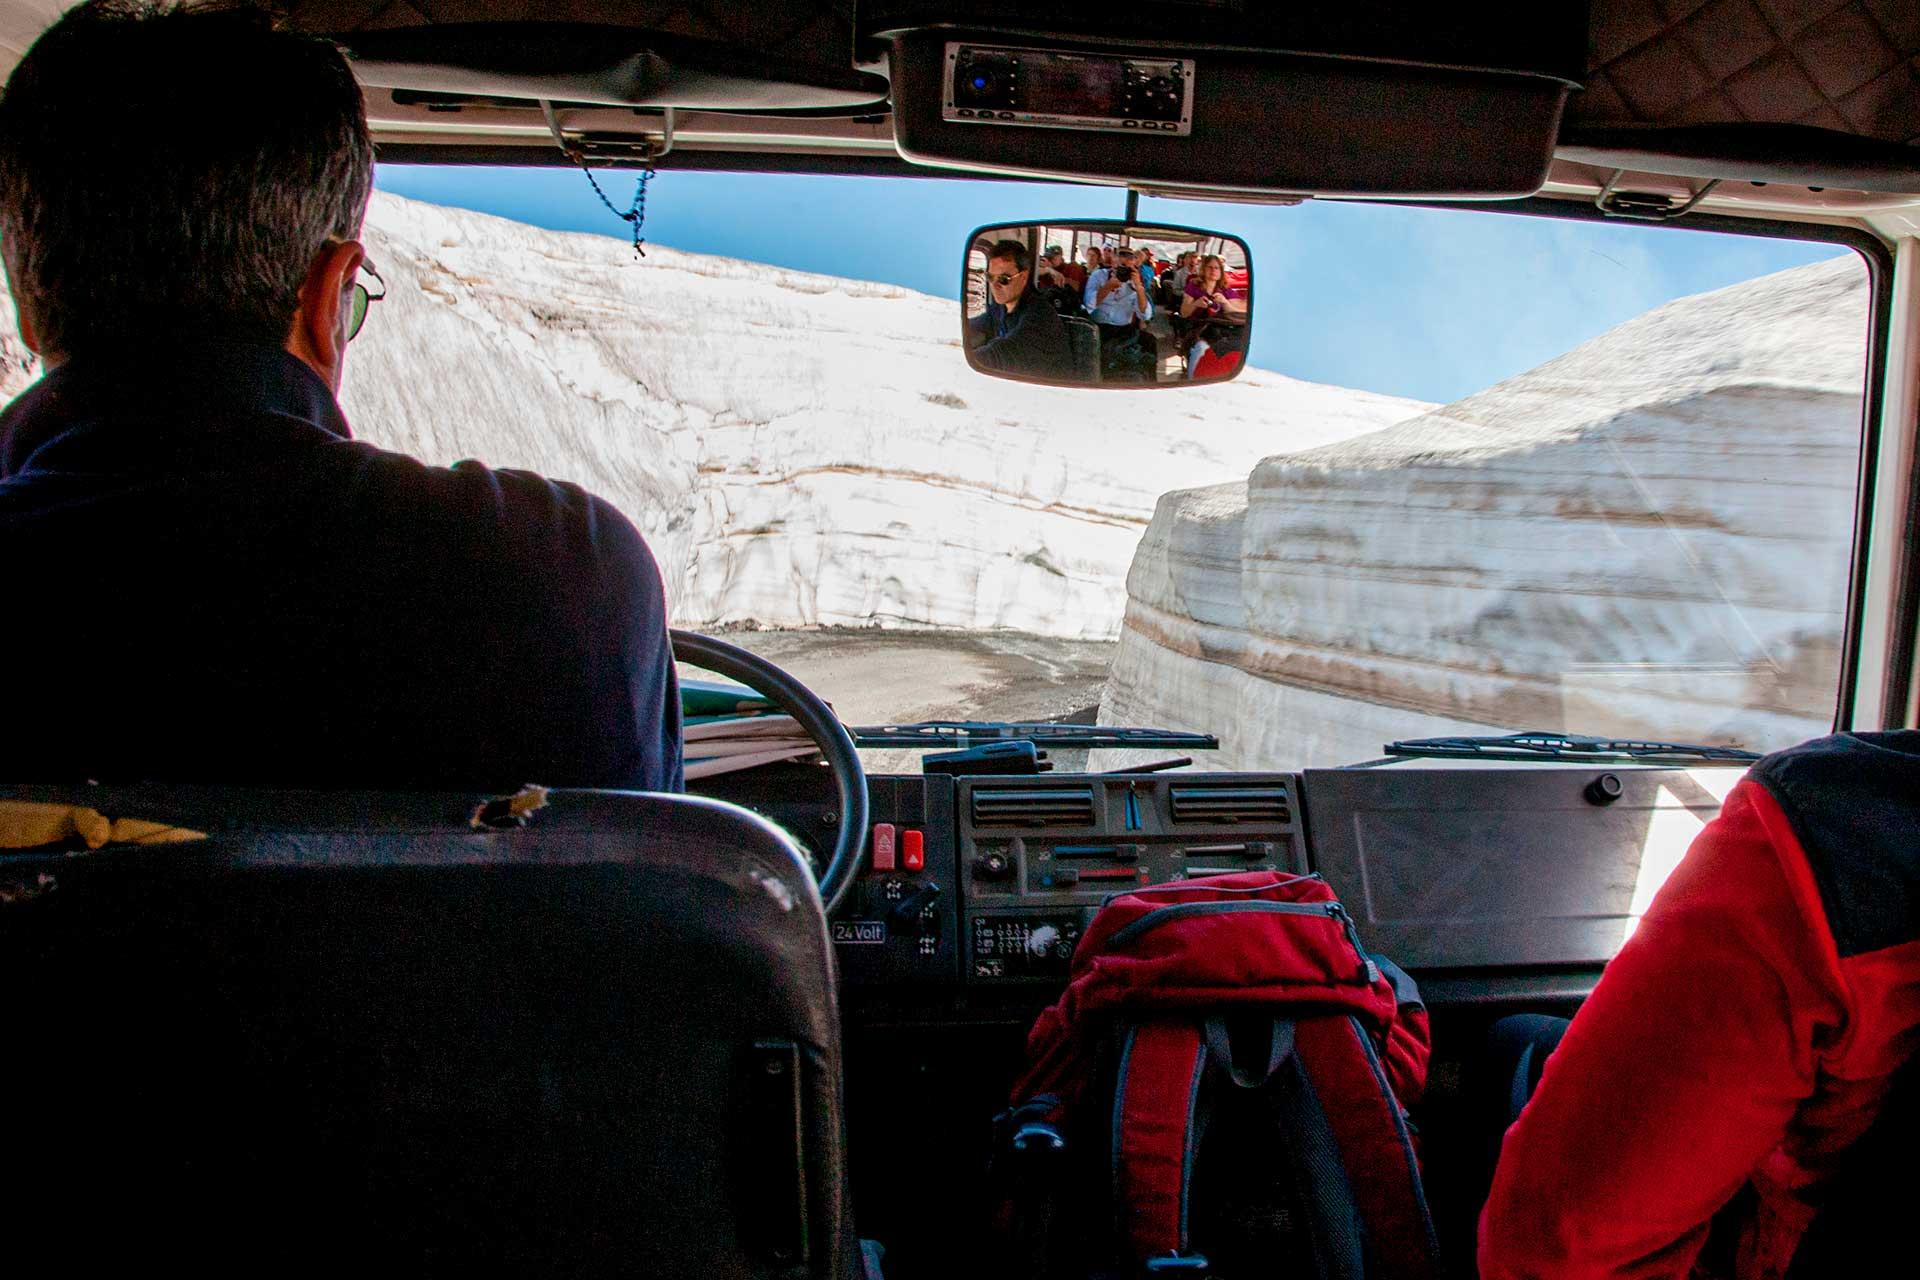 Il fuoristrada si inerpica in una strada, che nonostante fossimo nel mese di maggio,  presentava ai lati due pareti di neve alte più di 4 metri.